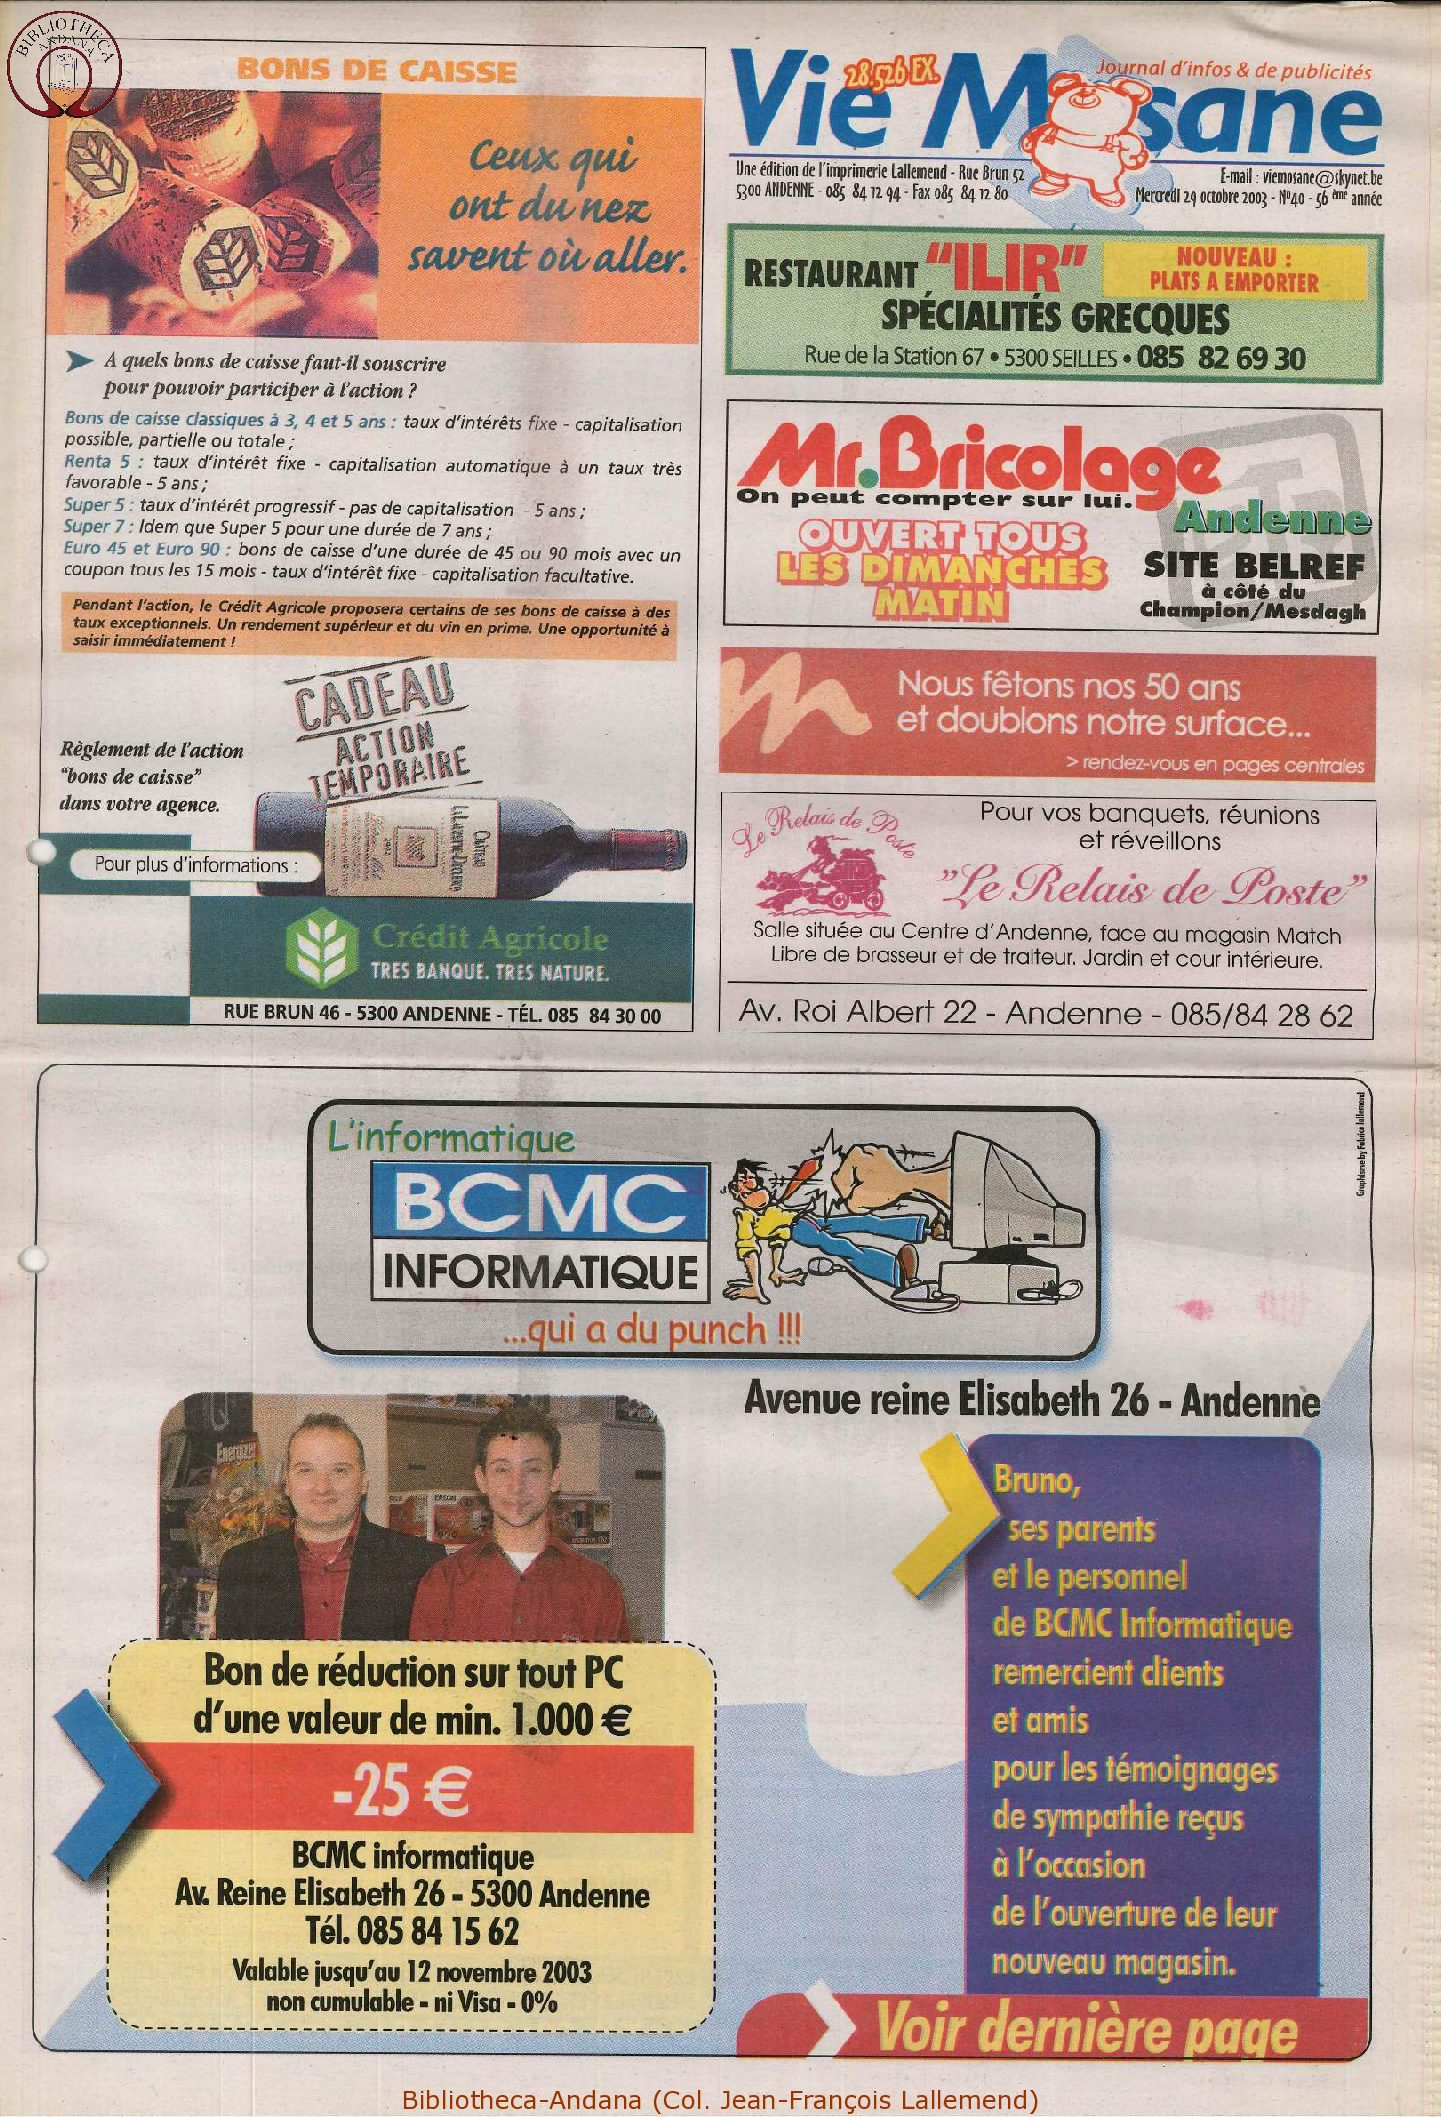 57e année - n°40 - 29 octobre 2003